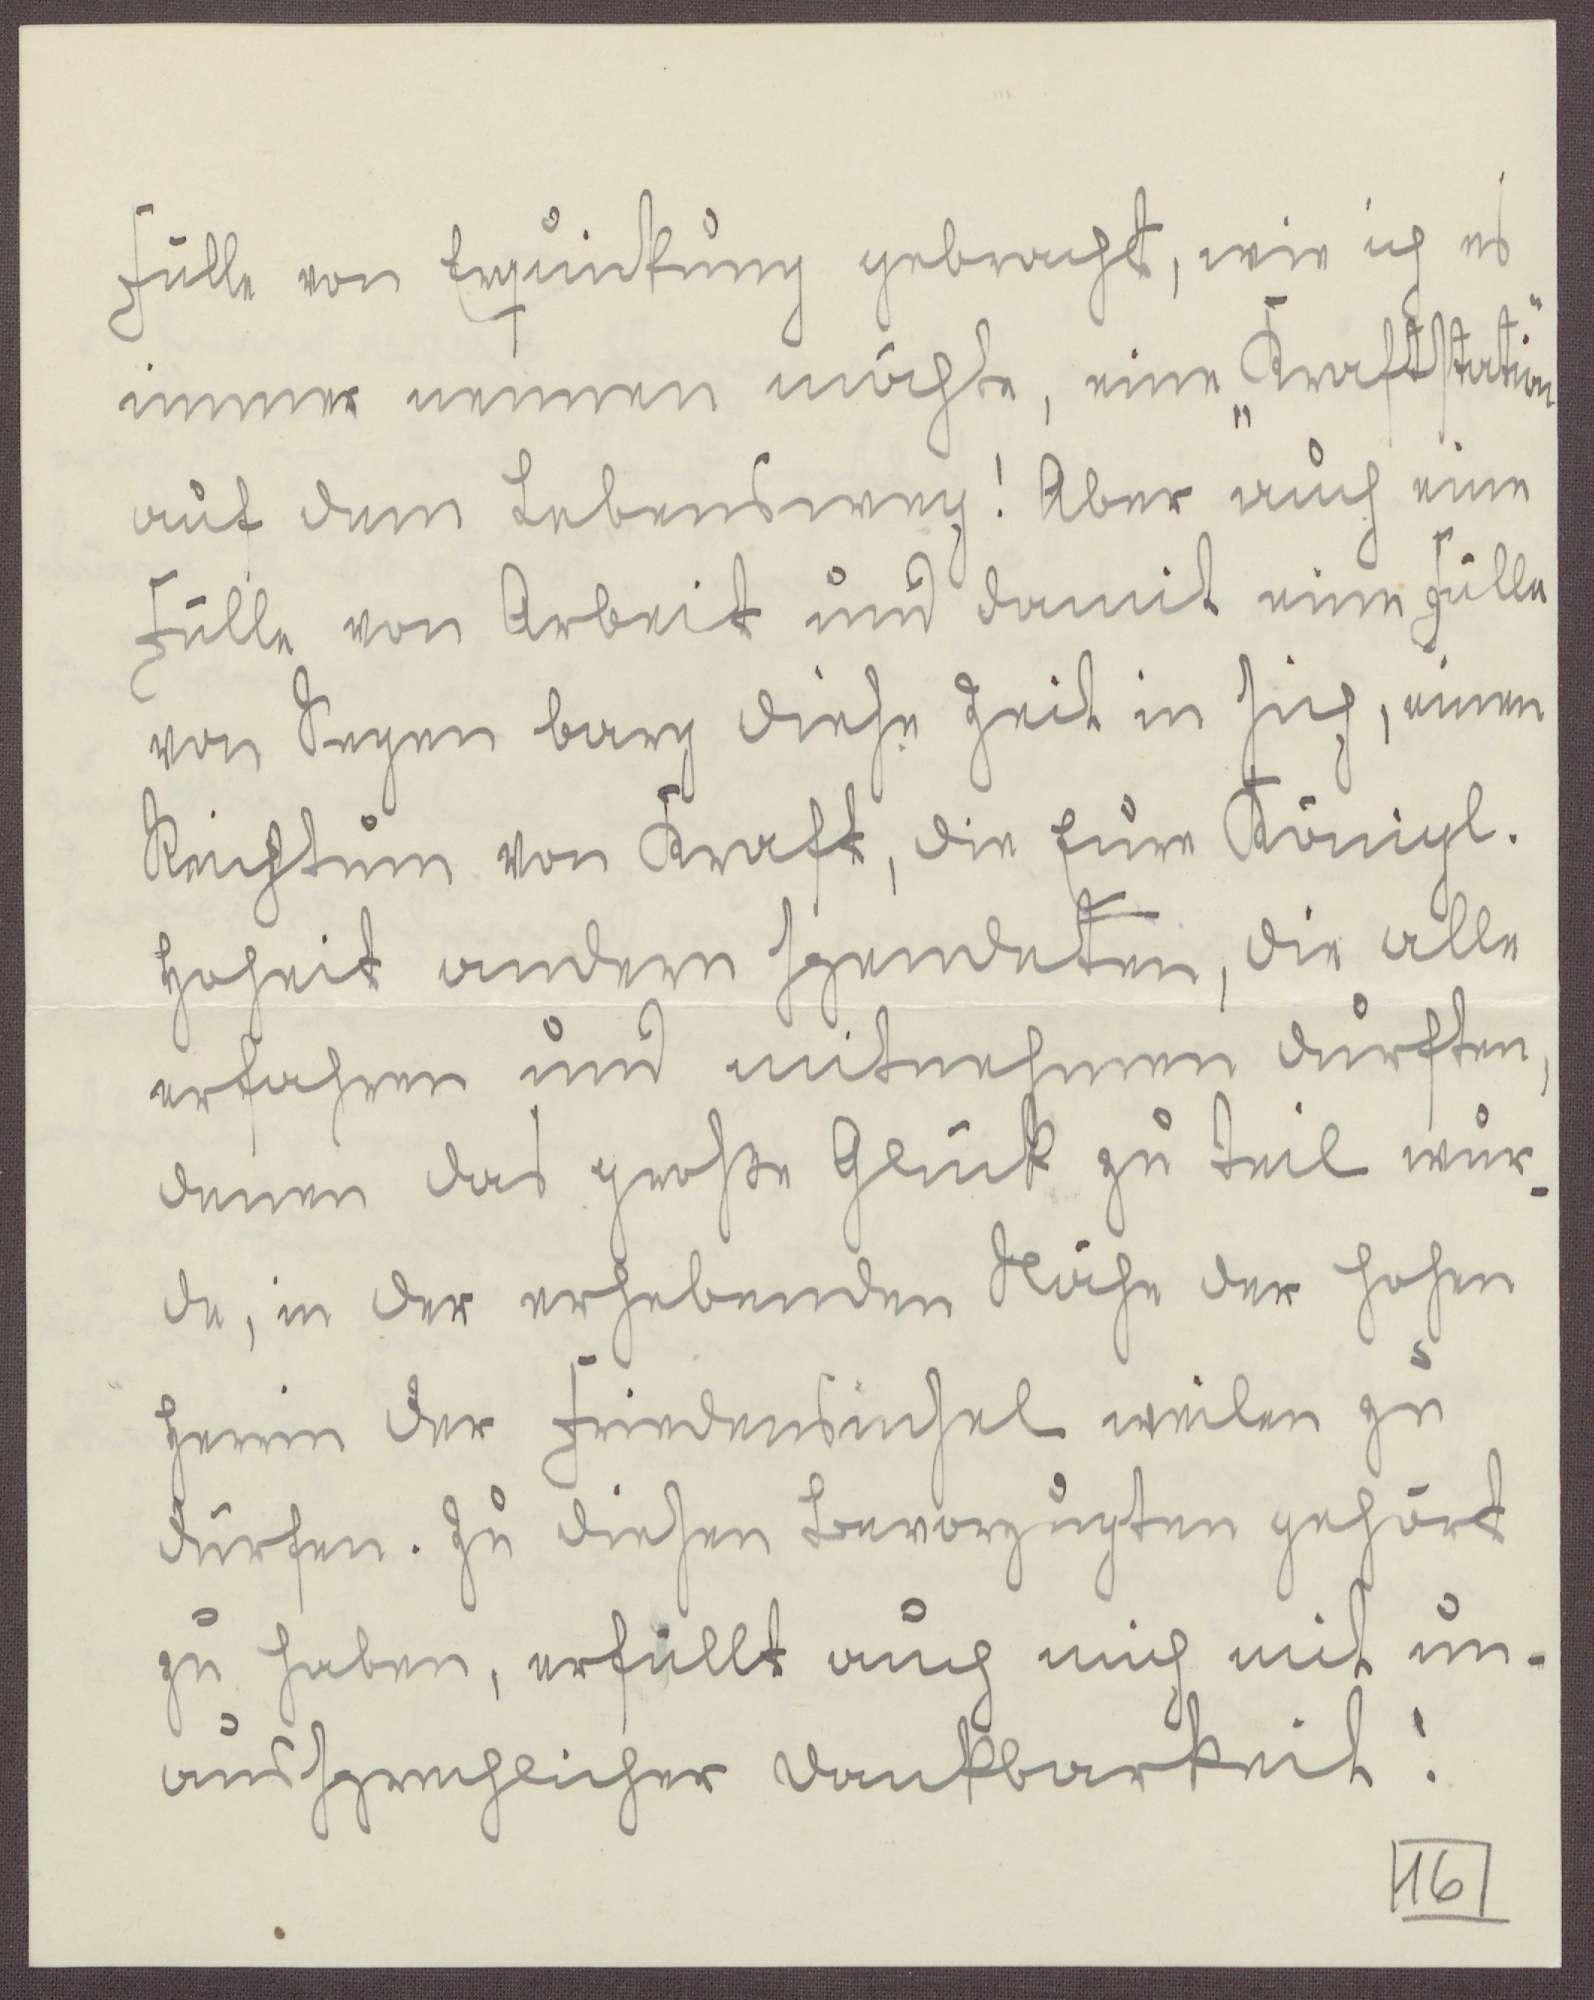 Schreiben von Emilie Göler von Ravensburg an Großherzogin Luise; Erinnerungen an Treffen mit der Großherzogin auf der Insel Mainau, Bild 3